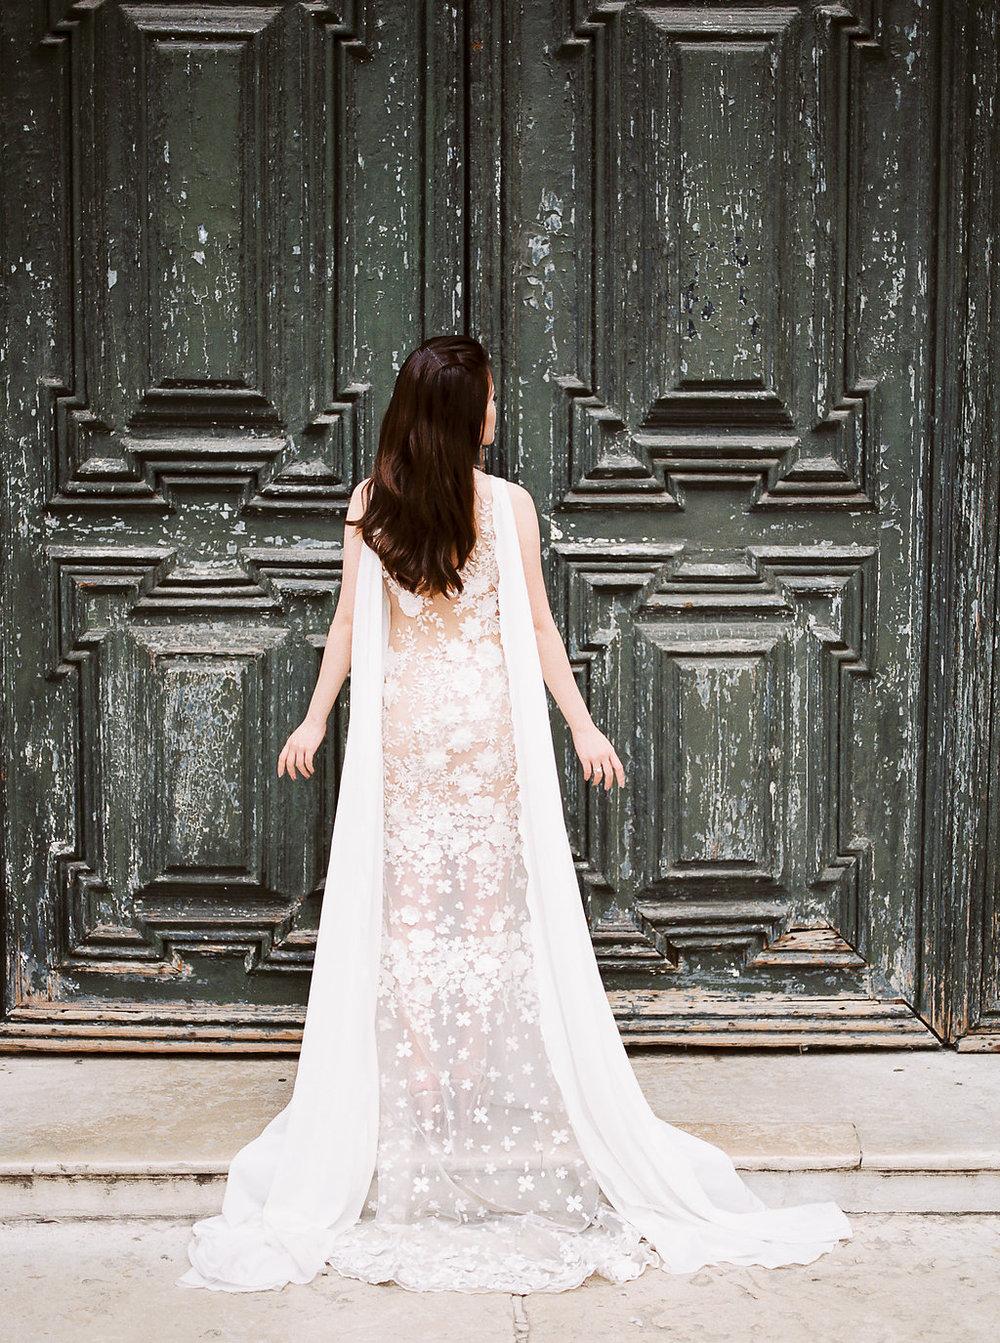 Destination pre-wedding session in Venice Italy | Tanja Kibogo photography18.JPG